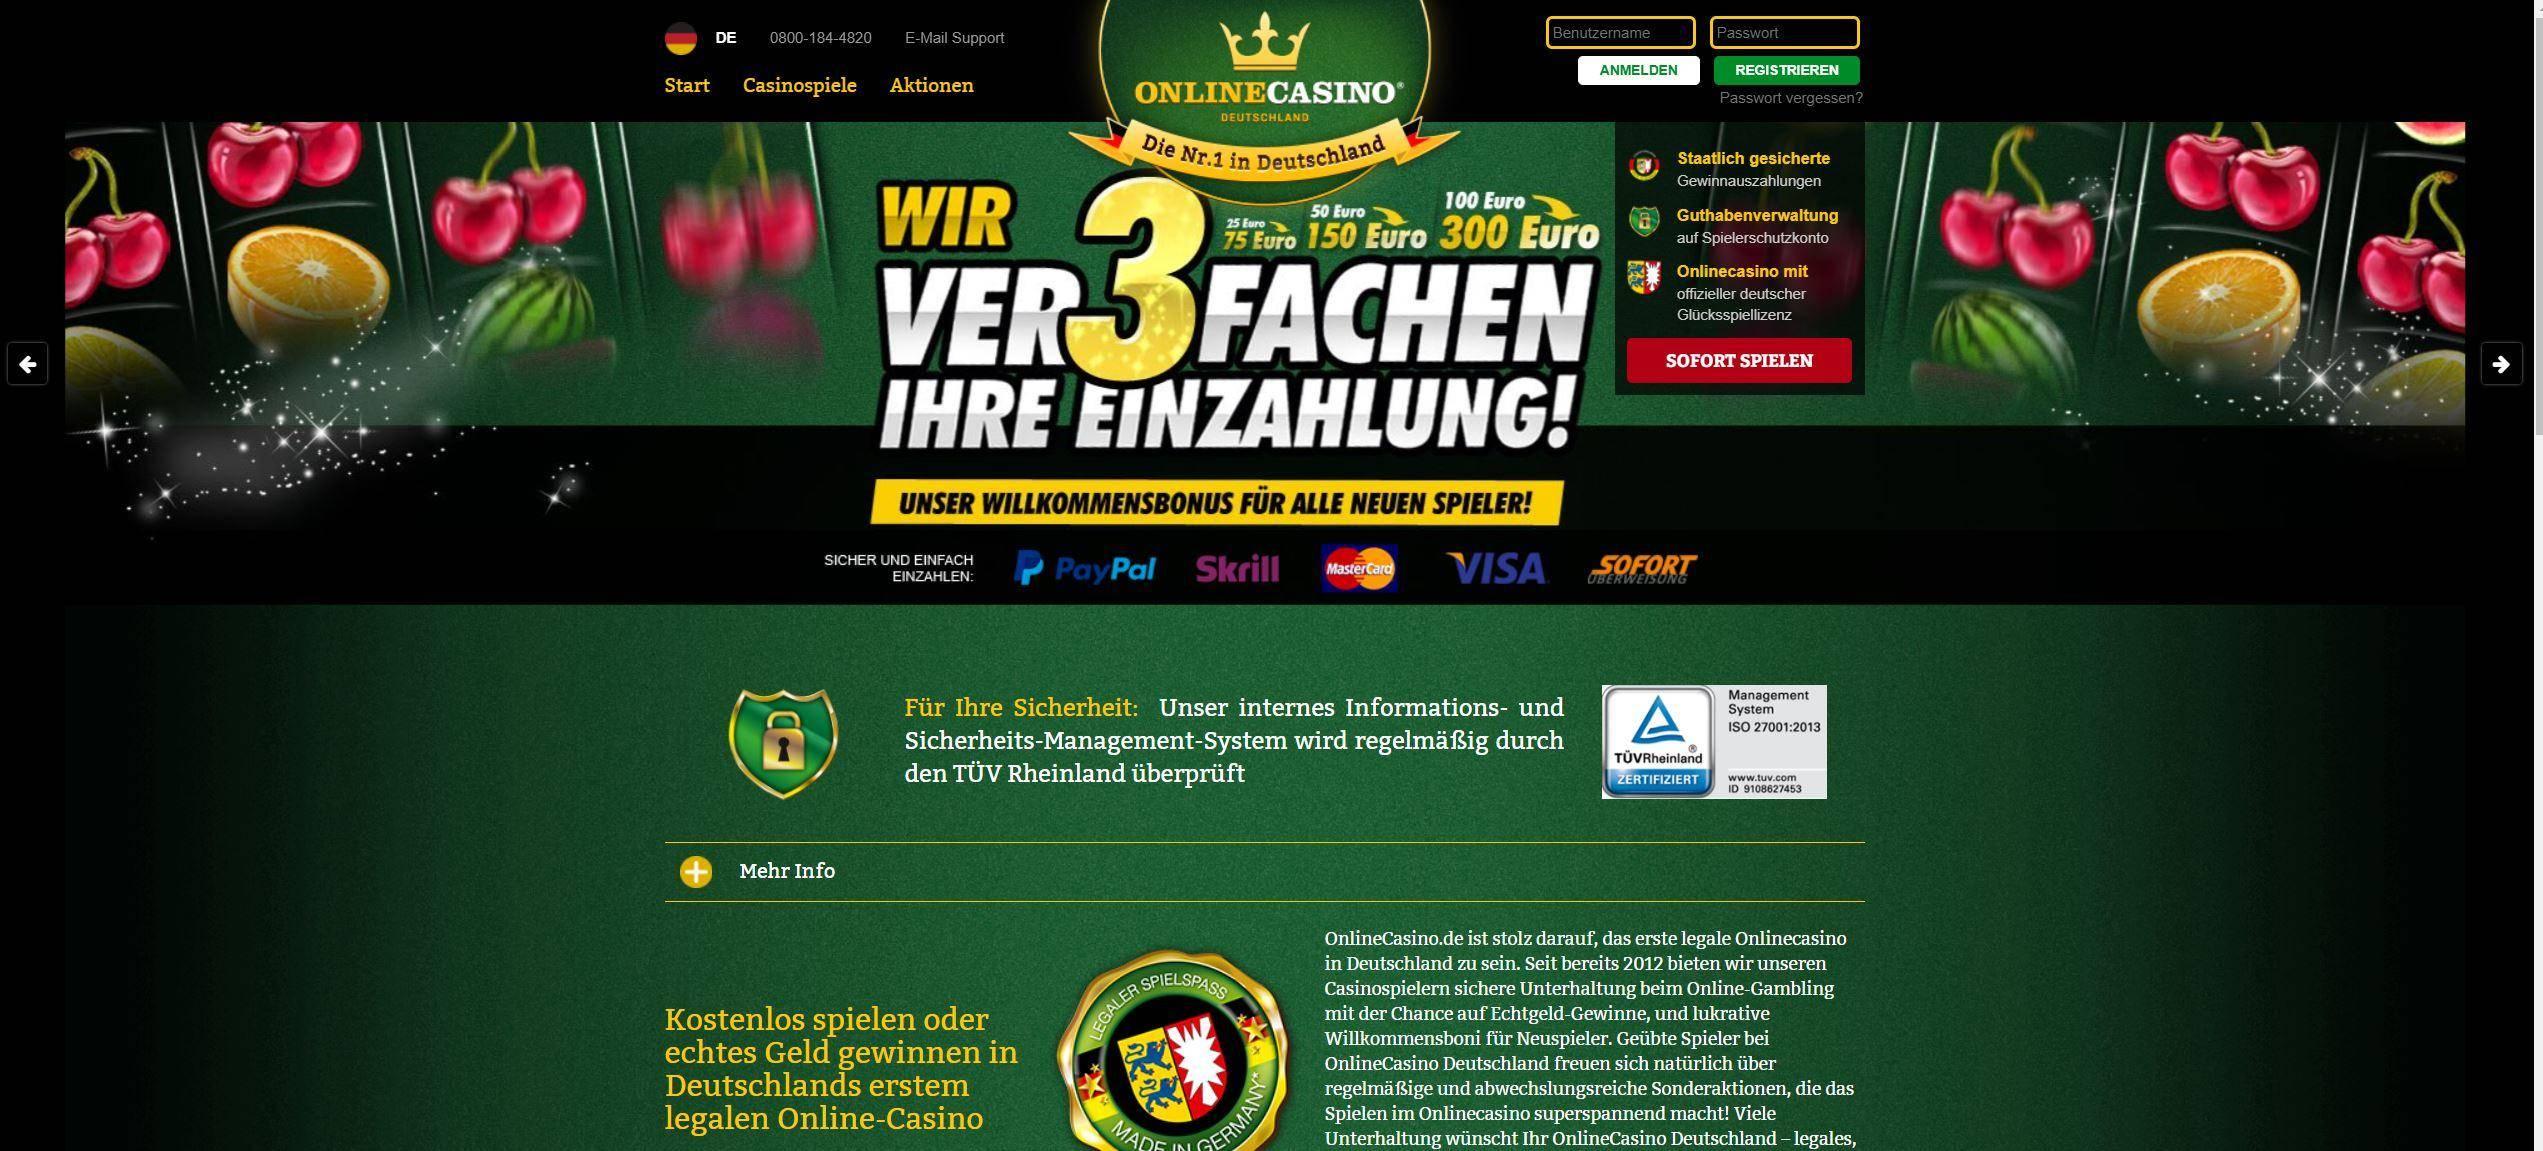 Virtuelle Casino 403340